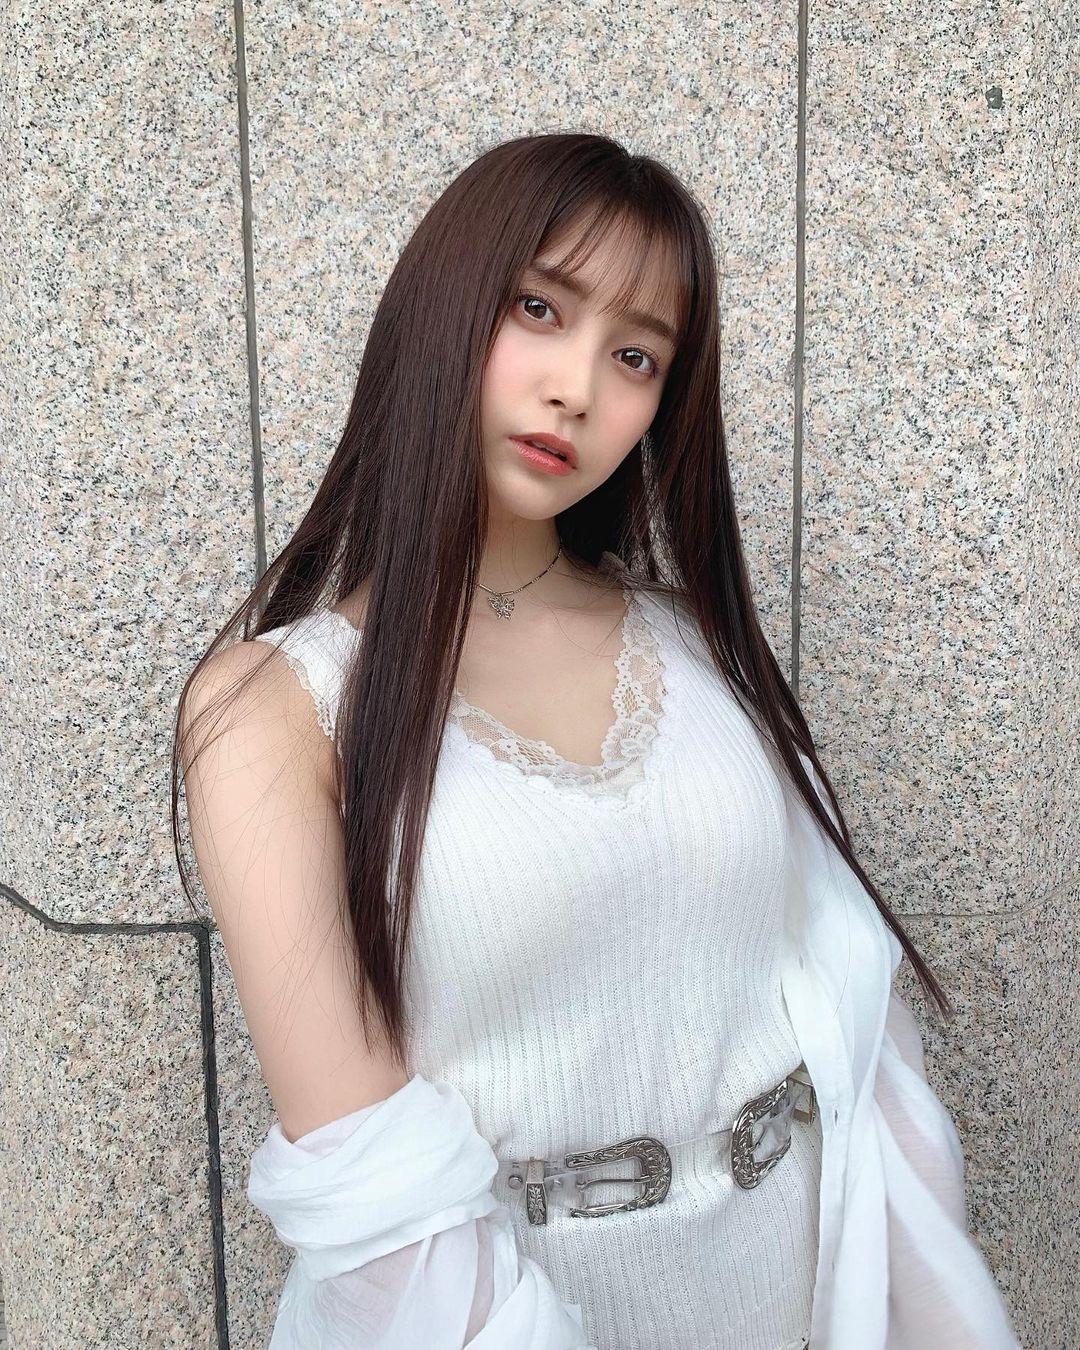 清新正妹「小山璃奈」高中一毕业就解放长腿